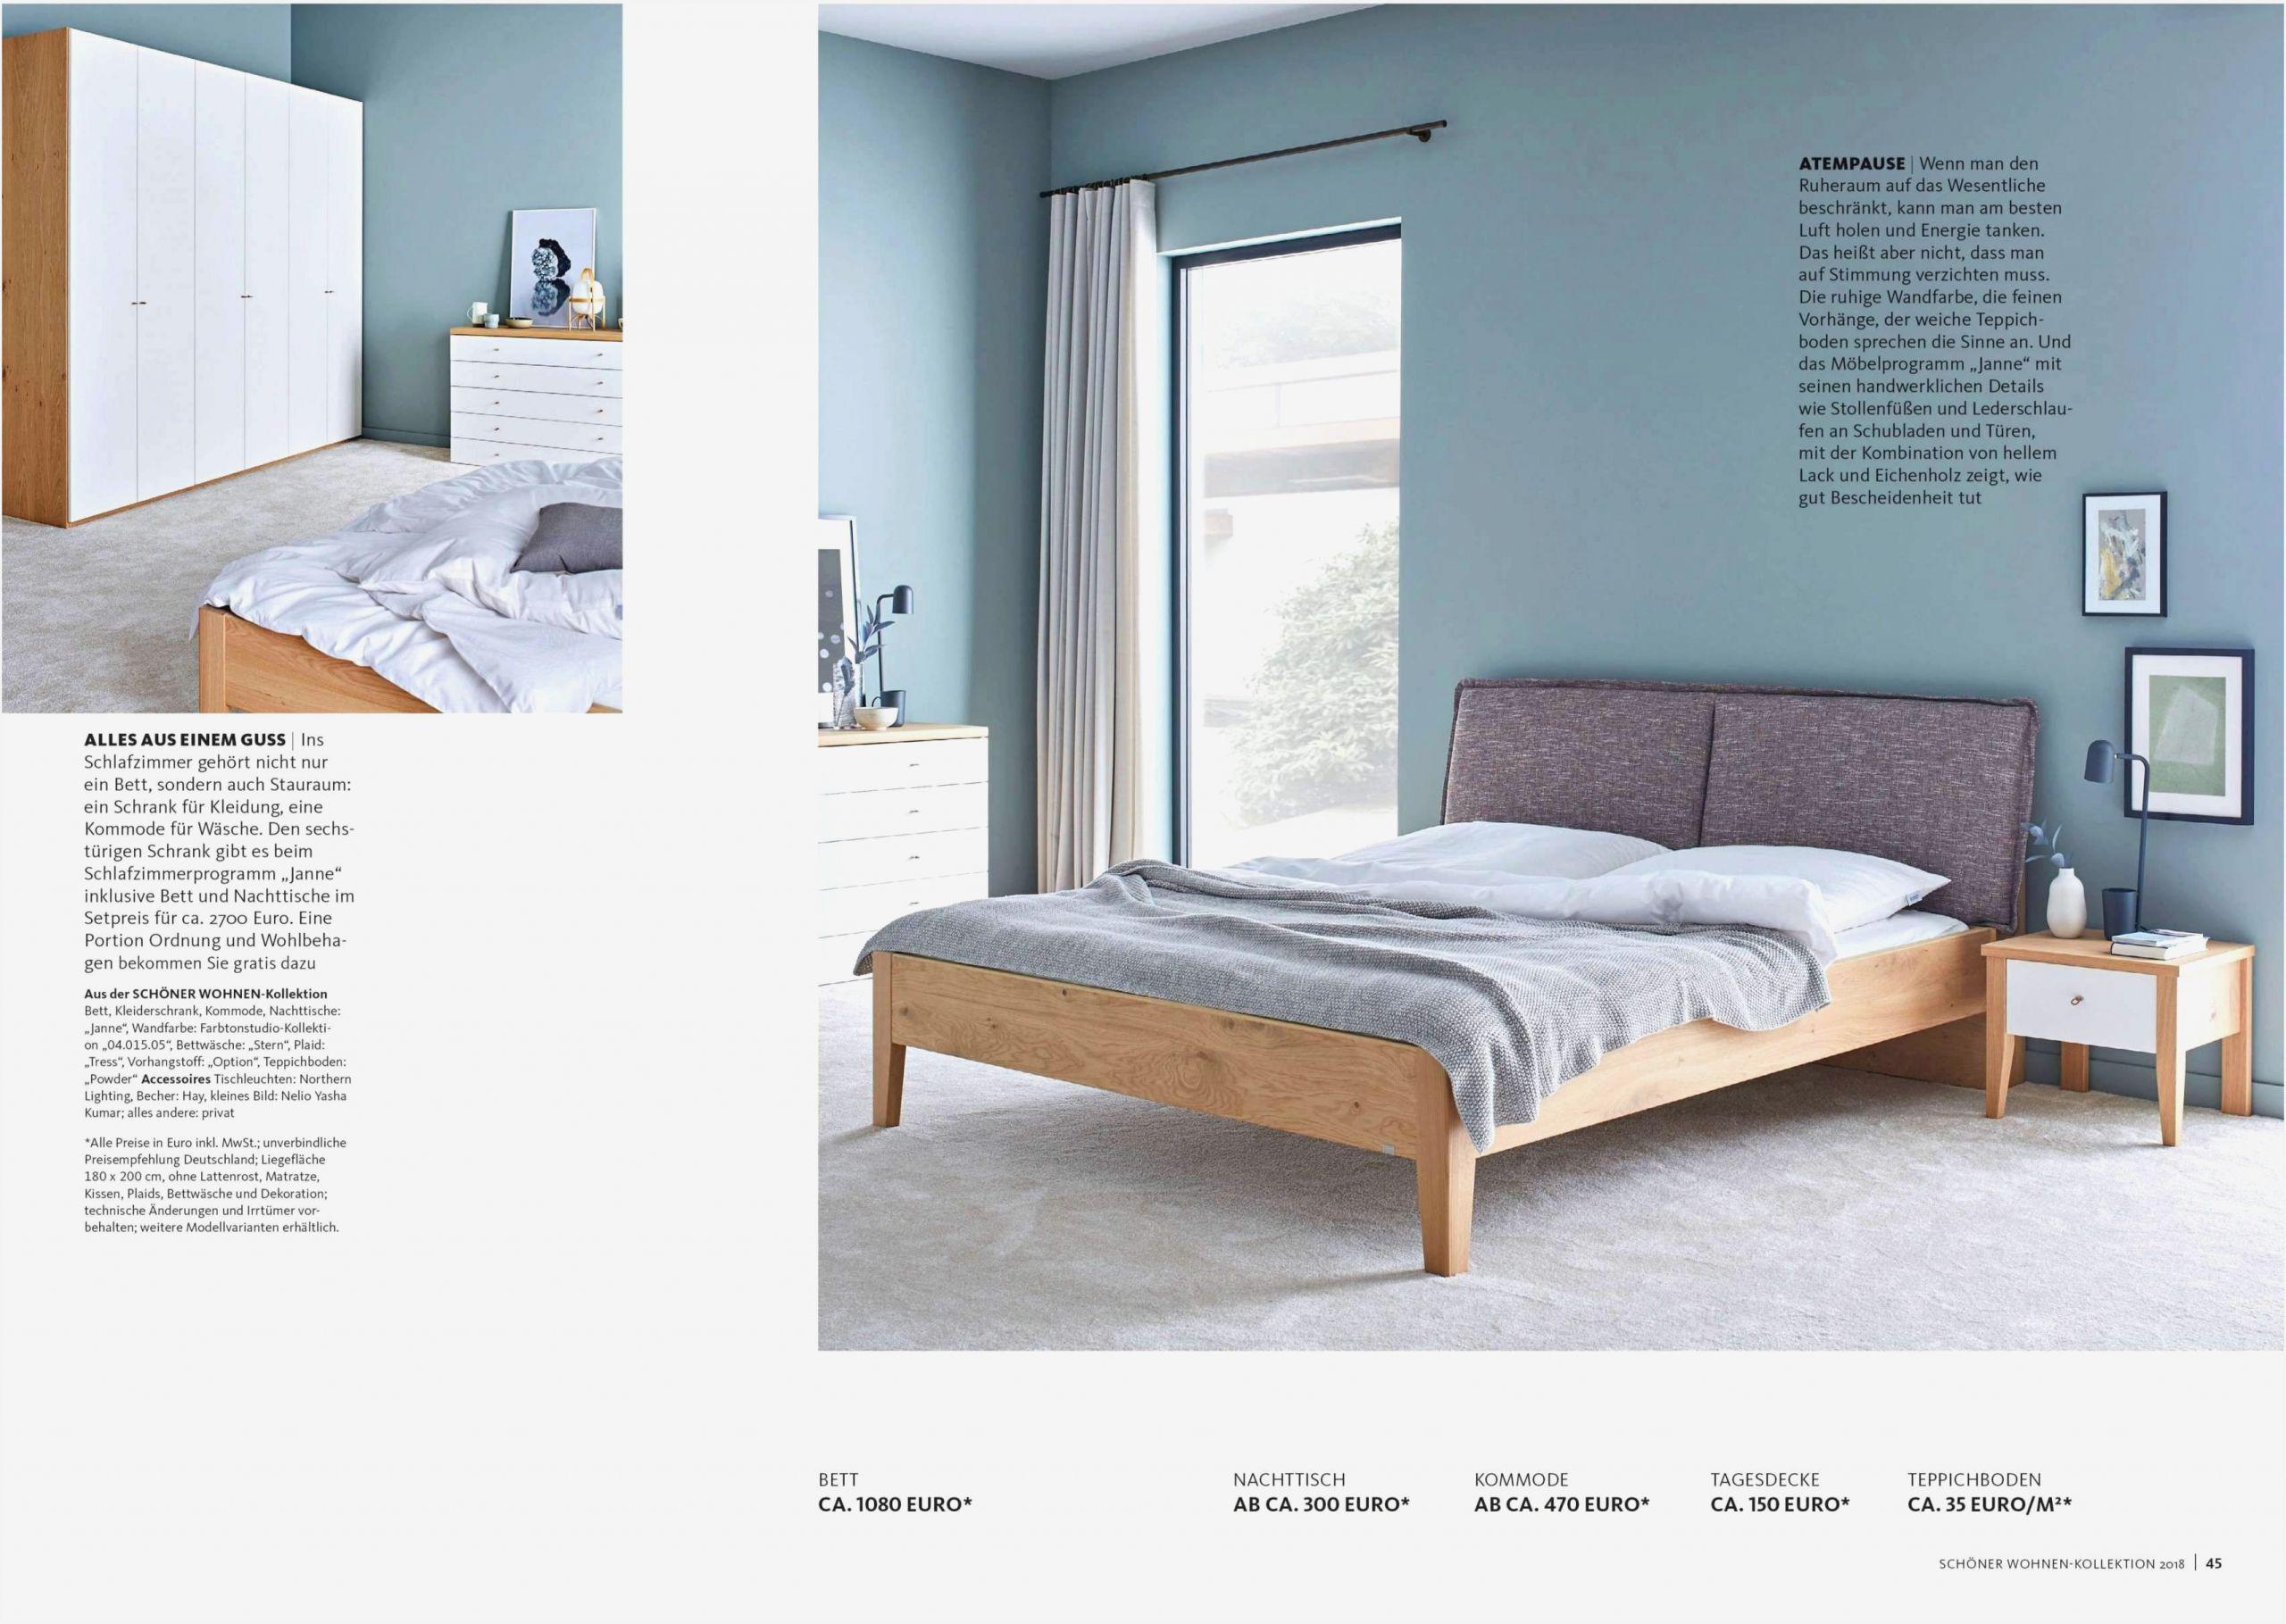 Full Size of Relaxliege Wohnzimmer Ikea Schlafzimmer Selbst Einrichten Traumhaus Deckenlampen Teppiche Deckenlampe Wandtattoos Sessel Stehleuchte Deckenleuchte Betten Wohnzimmer Relaxliege Wohnzimmer Ikea